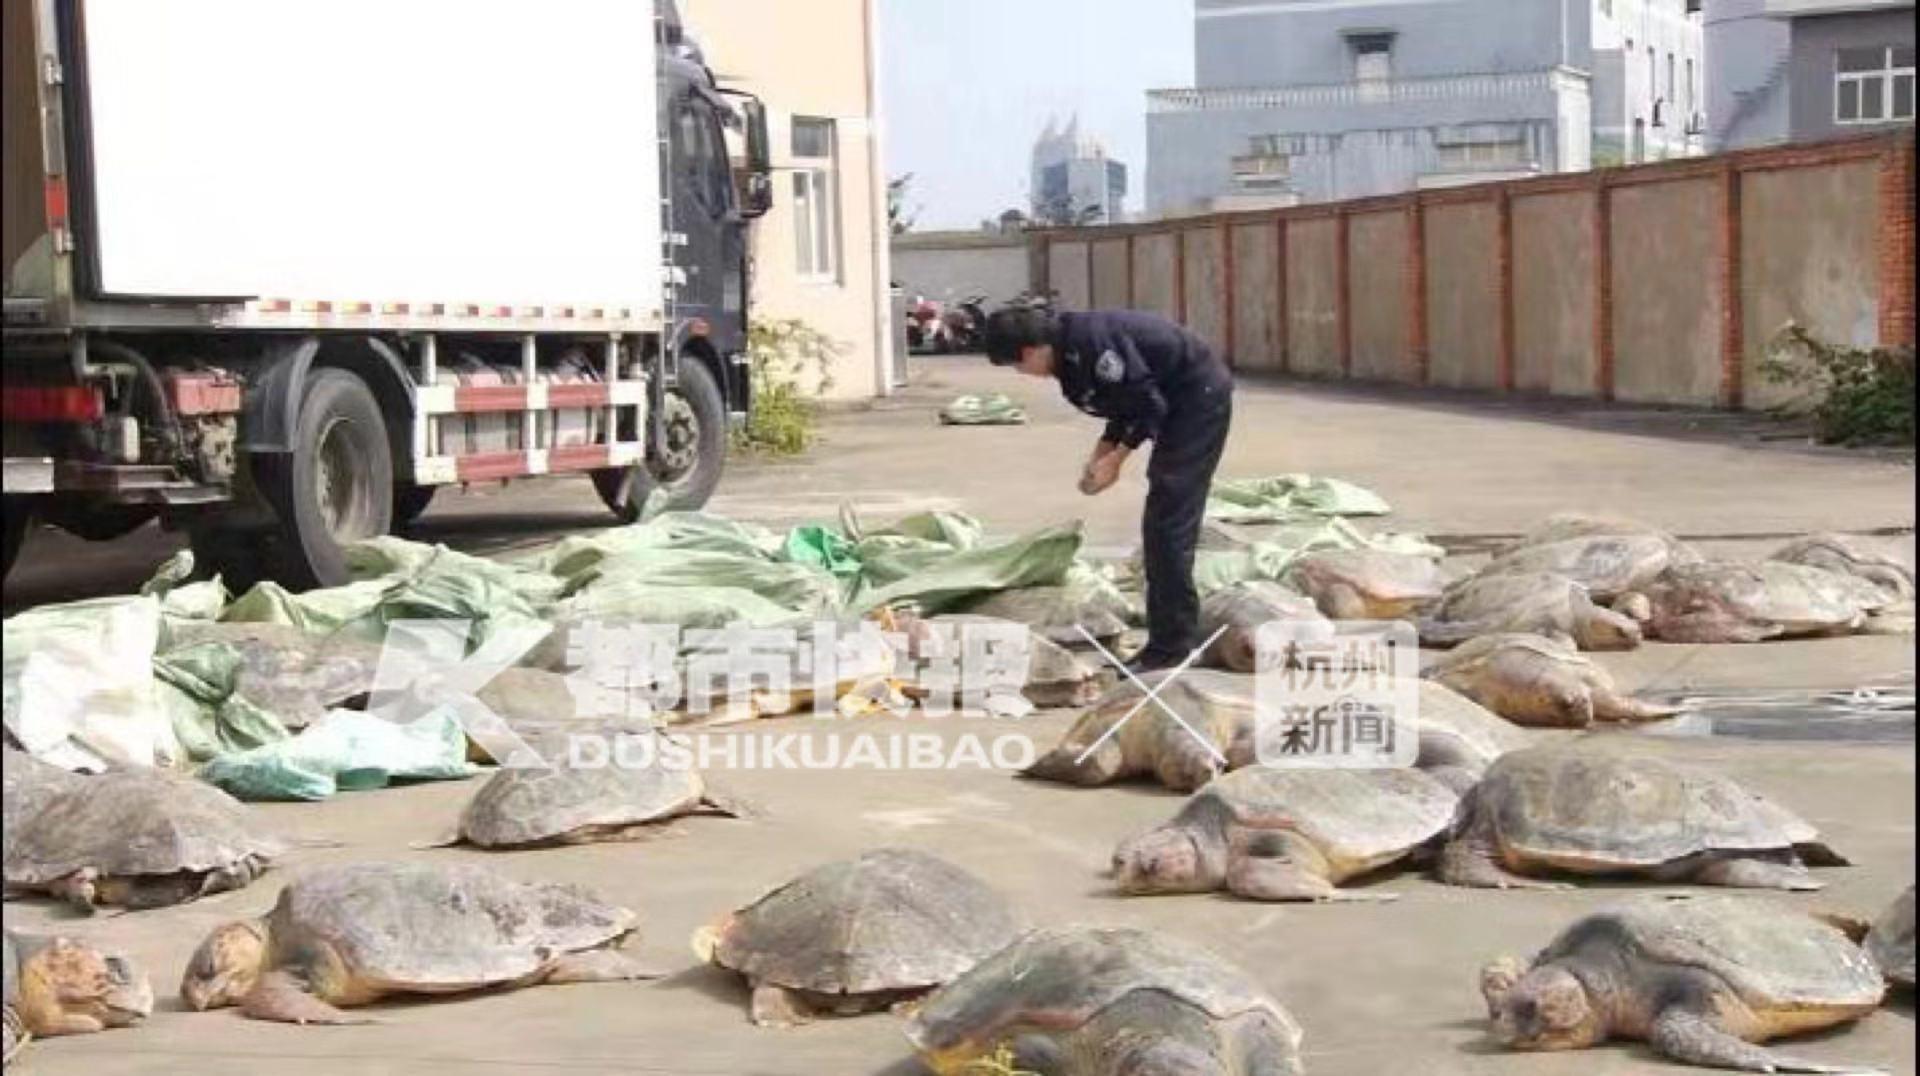 浙江查扣107只被冰冻的海龟 有渔民见过海龟流眼泪